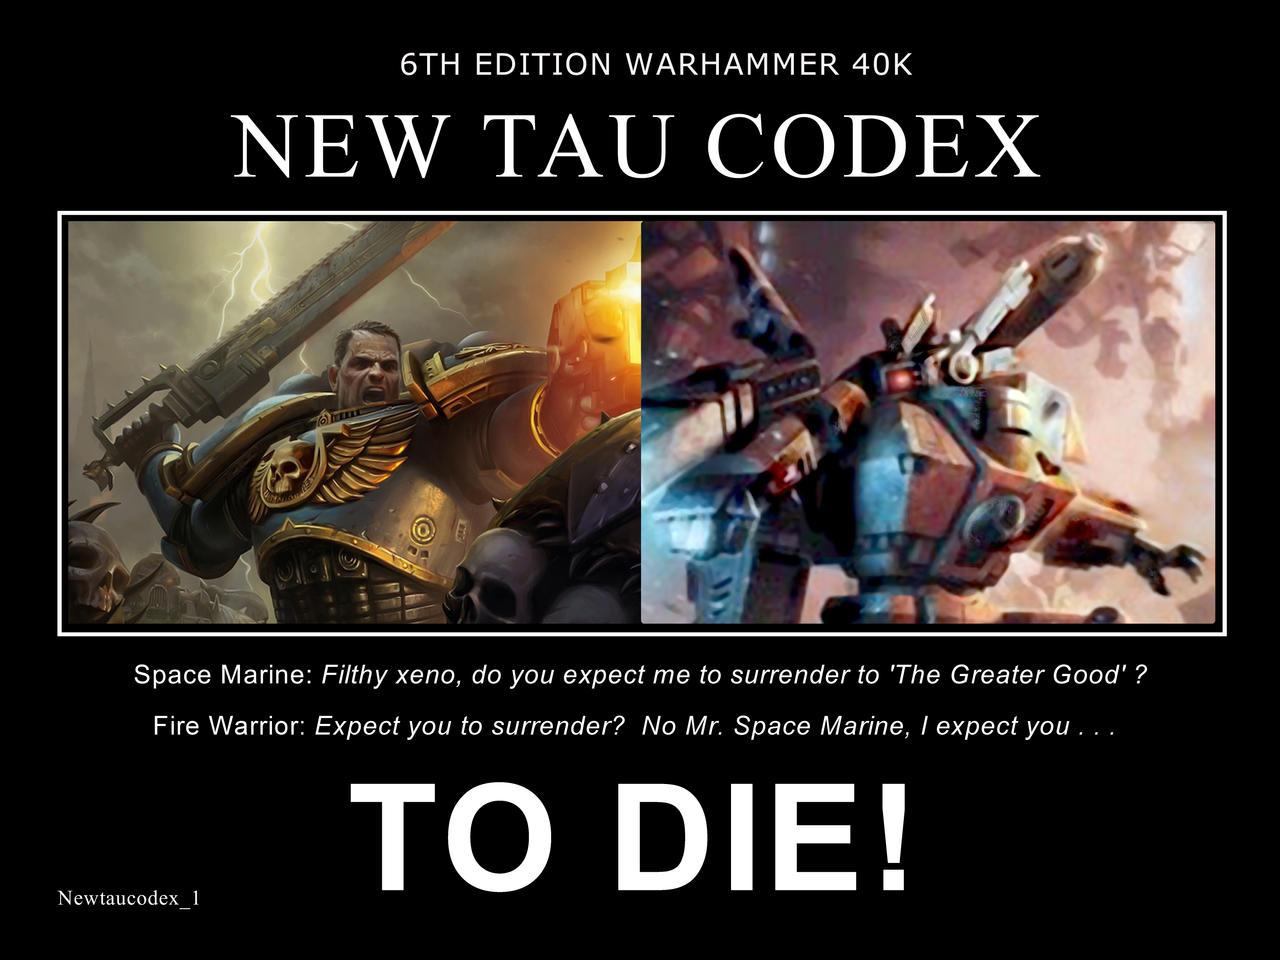 Newtaucodex1 poster tauman942 by TauMan942